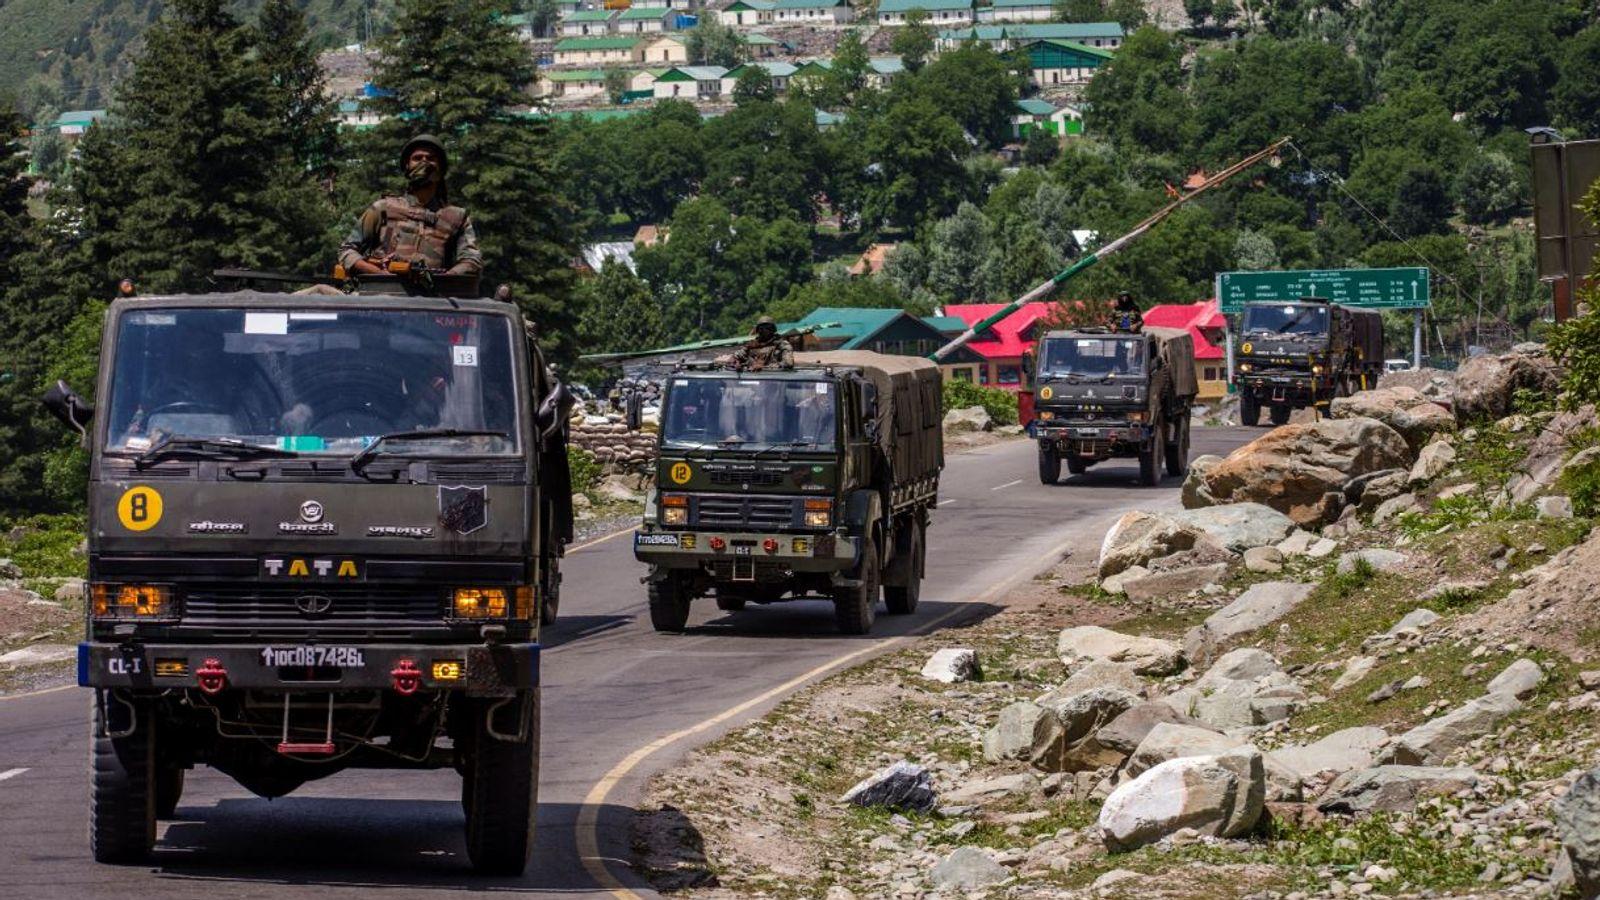 Hindistan-Çin sərhəddində təhlükəli qarşıdurma: 40 çinli əsgərin öldürüldüyü iddia edilir